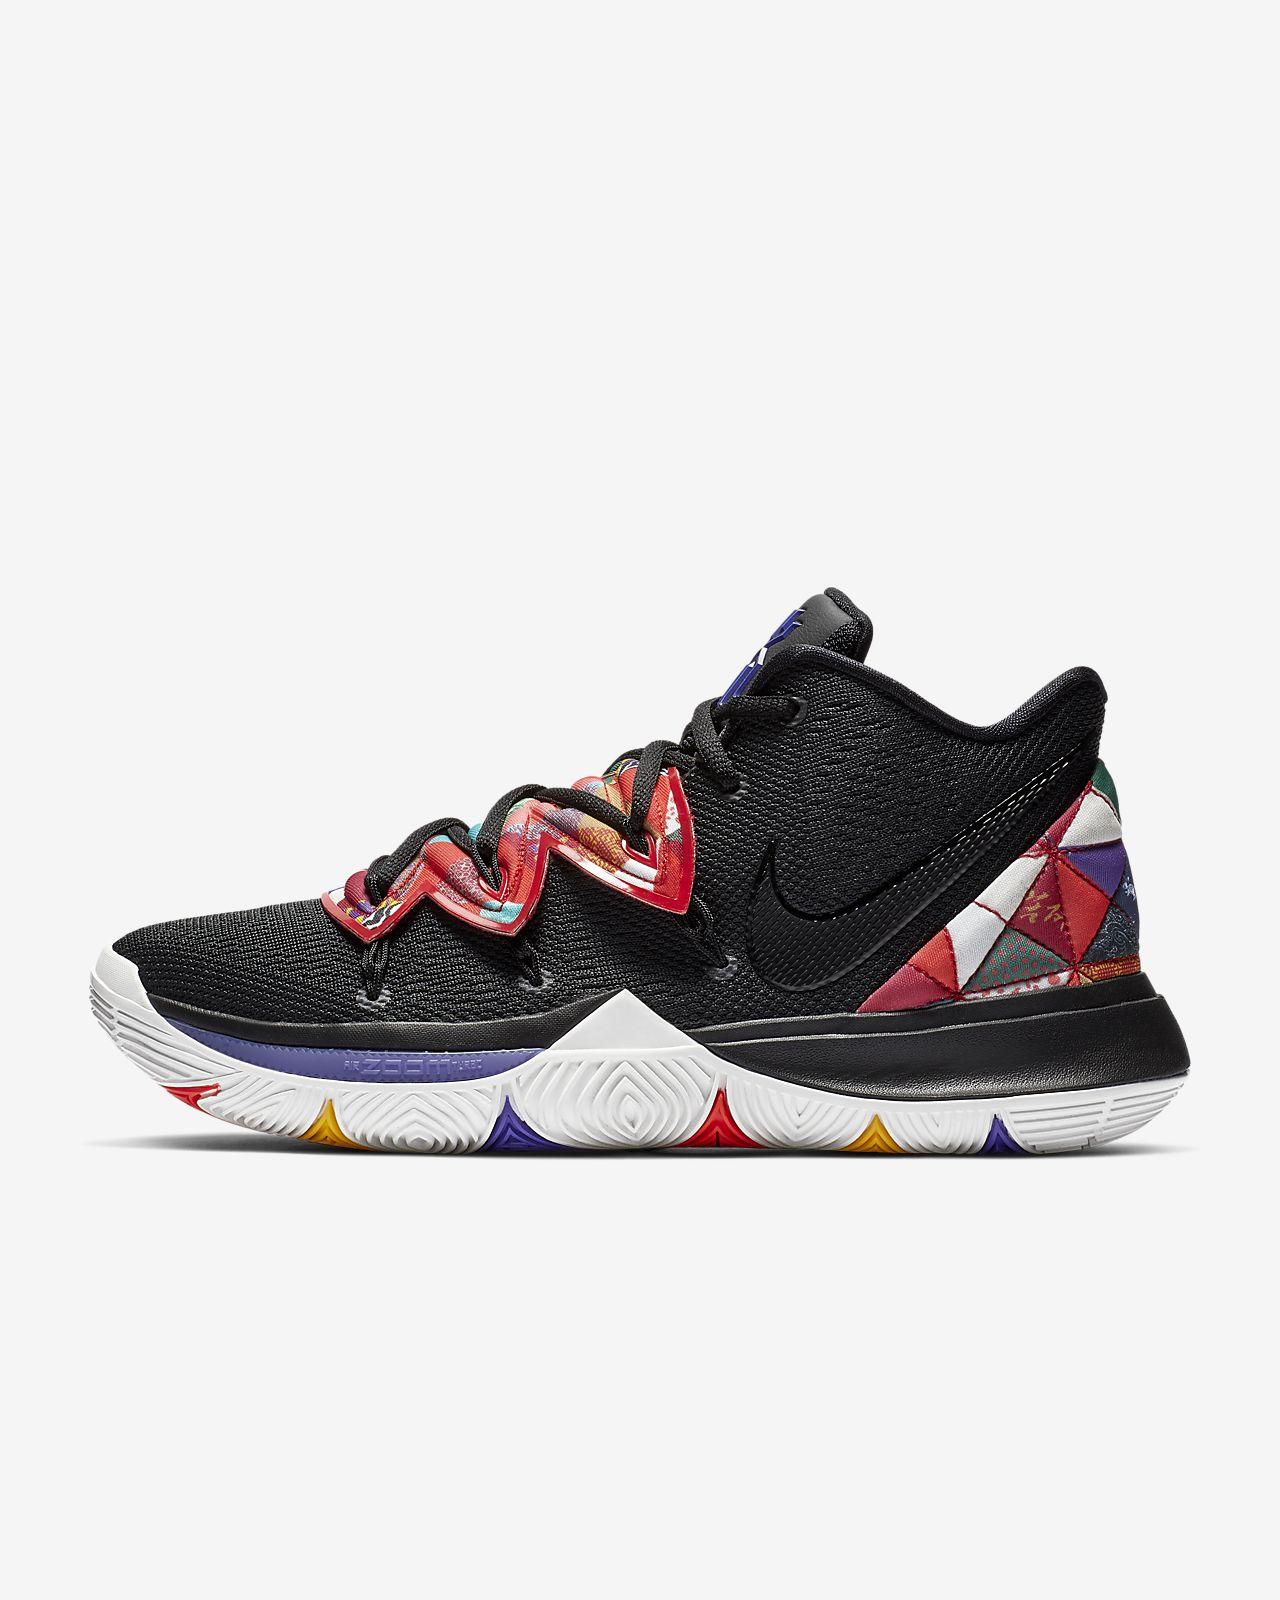 Kyrie 5 CNY Basketball Shoe